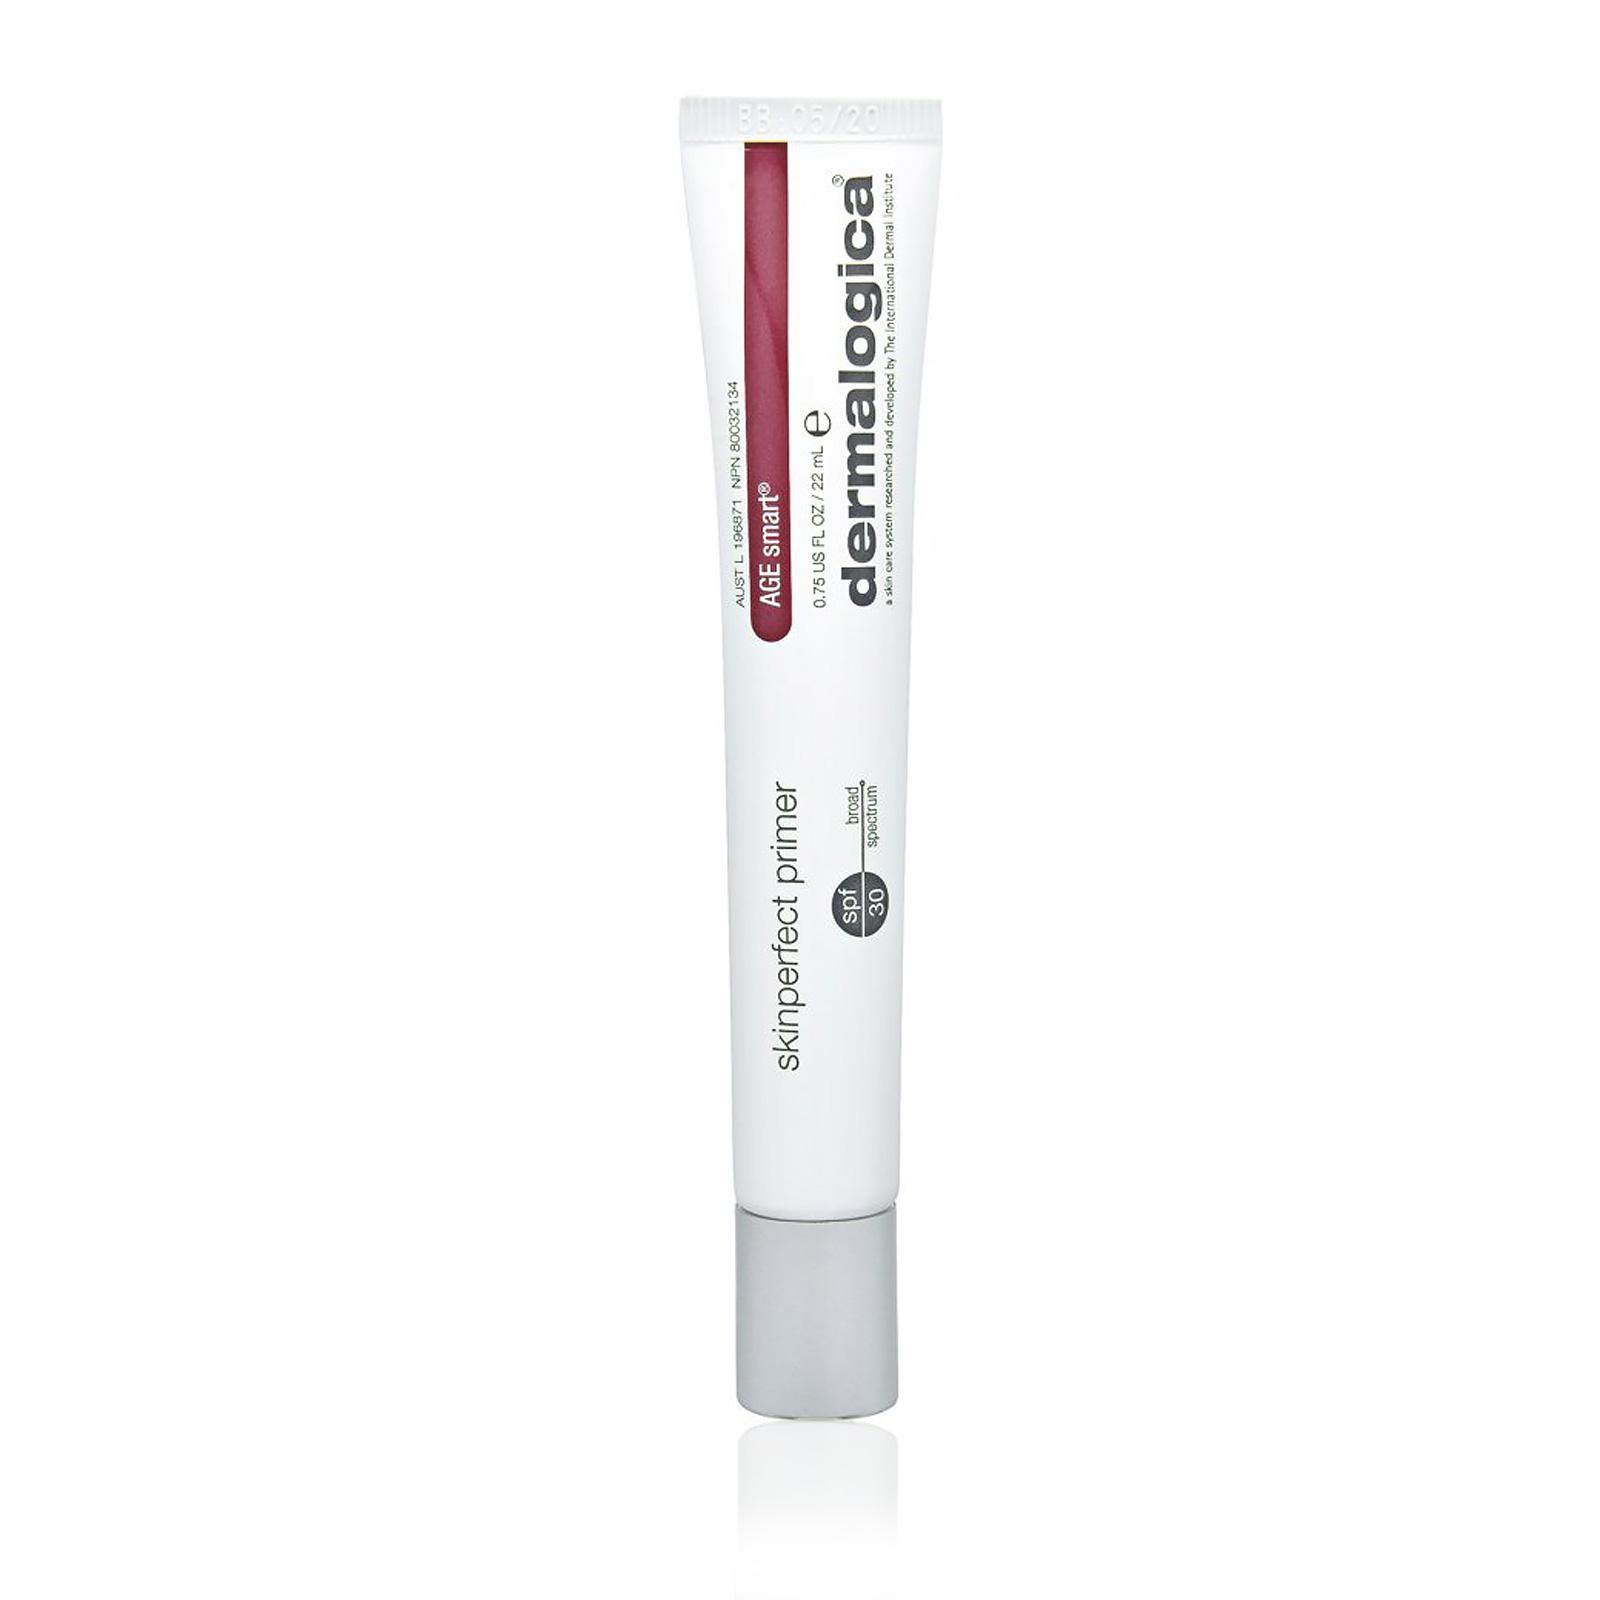 AGE Smart Skinperfect Primer SPF 30